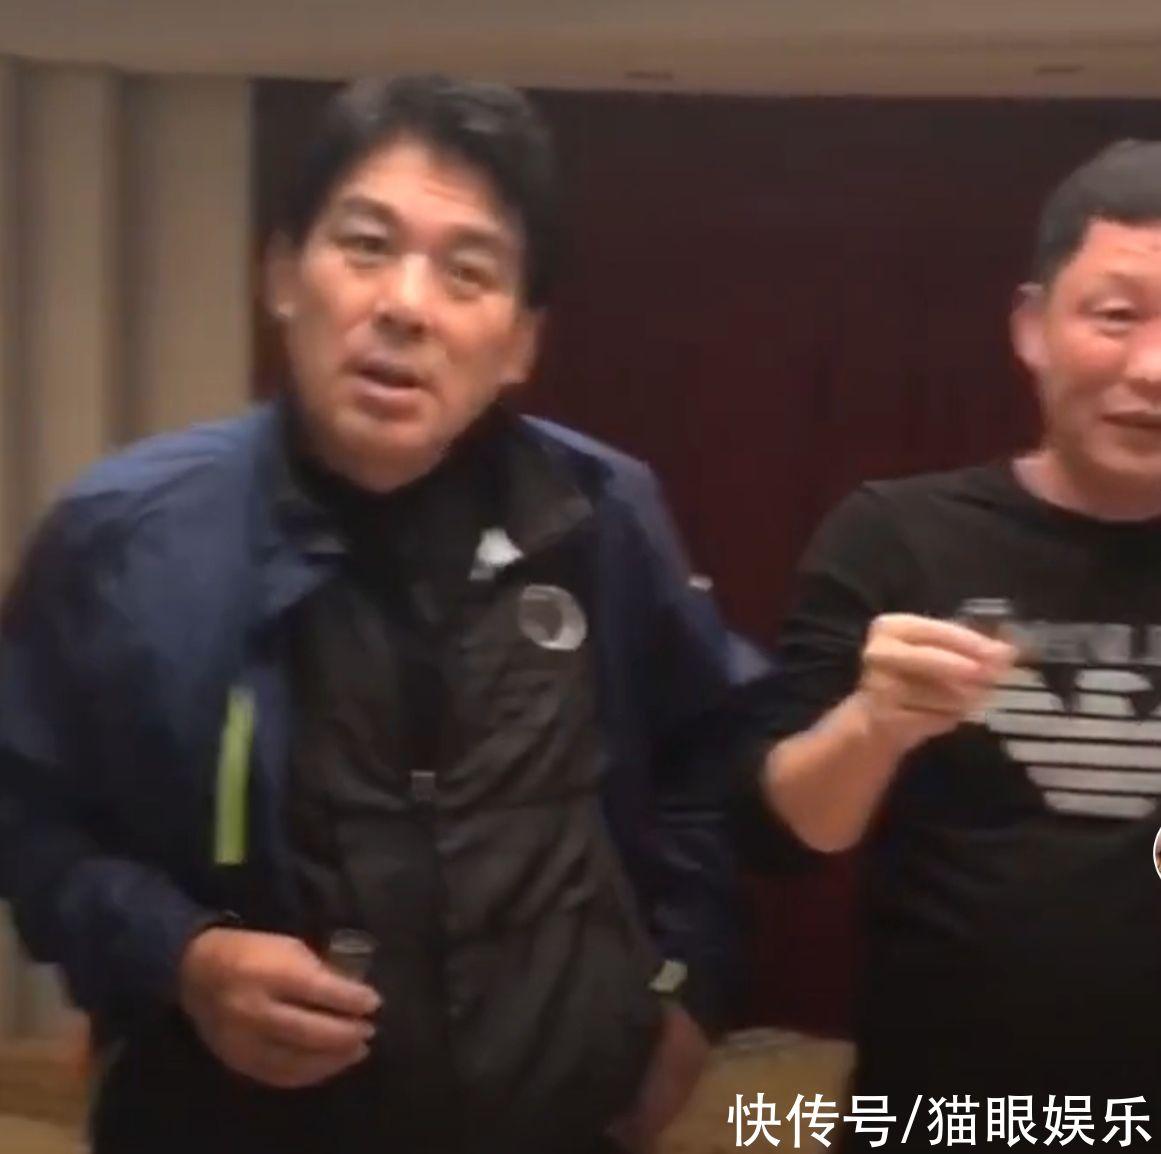 67歲朱時茂與好友聚餐!頭發烏黑啤酒肚明顯,被人敬酒還裝耳背